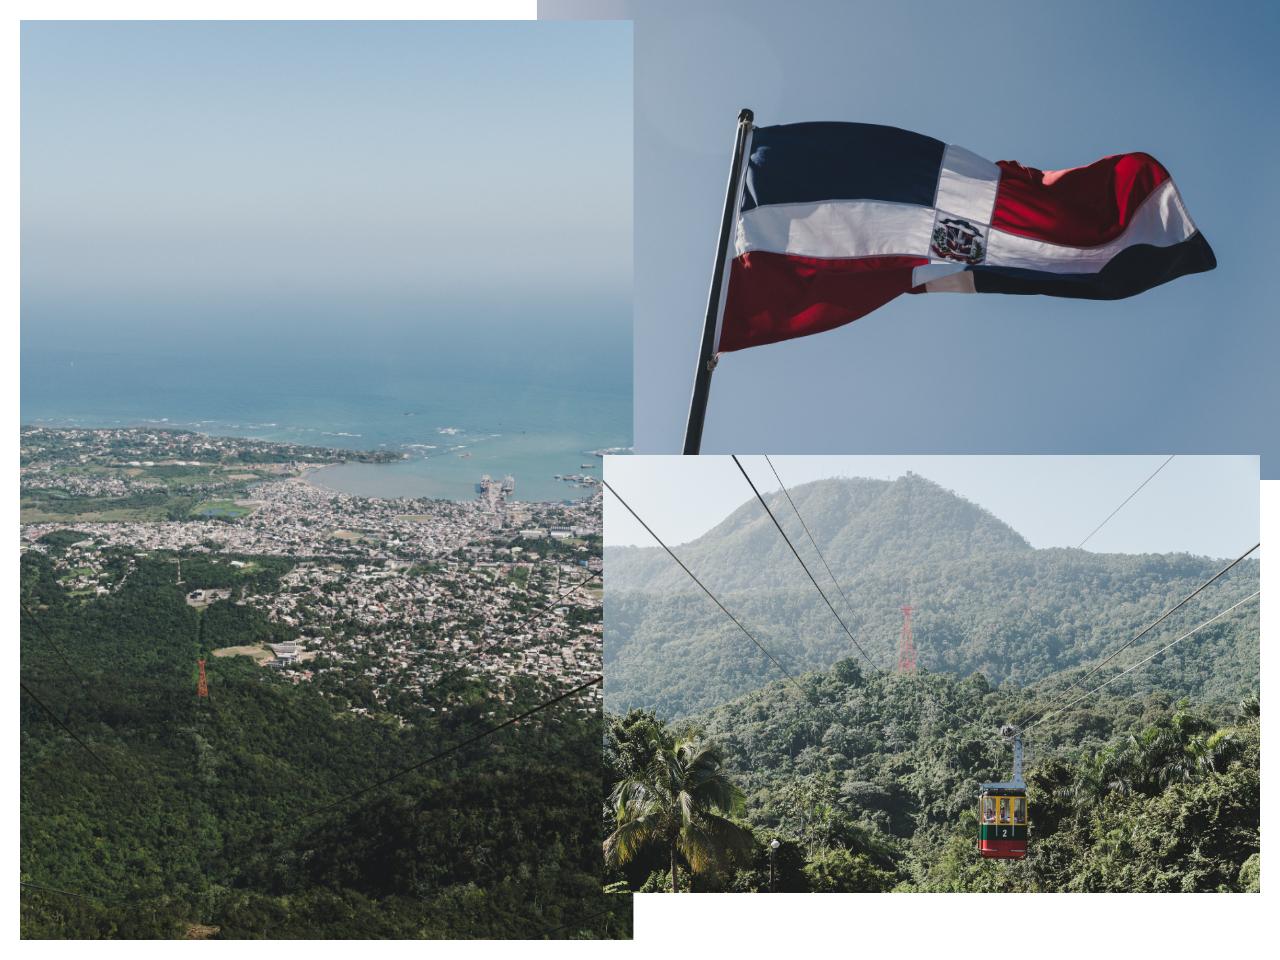 Voyage en République Dominicaine, Puerto Plata